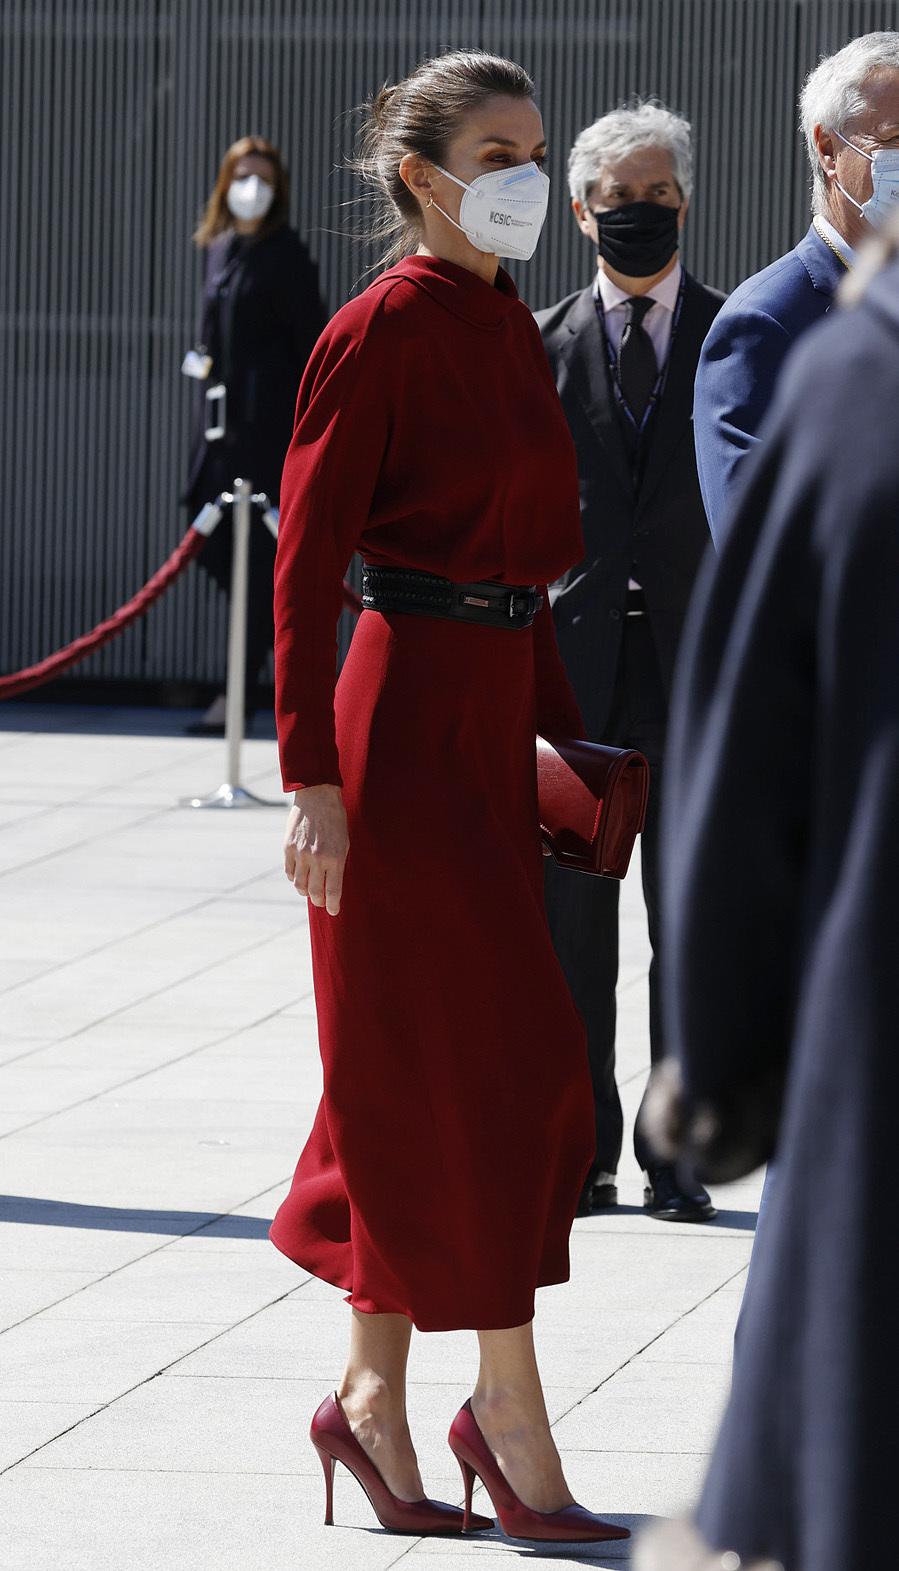 Piezas de estreno de la Reina en más de un año - Vestido rojo de Massimo Dutti